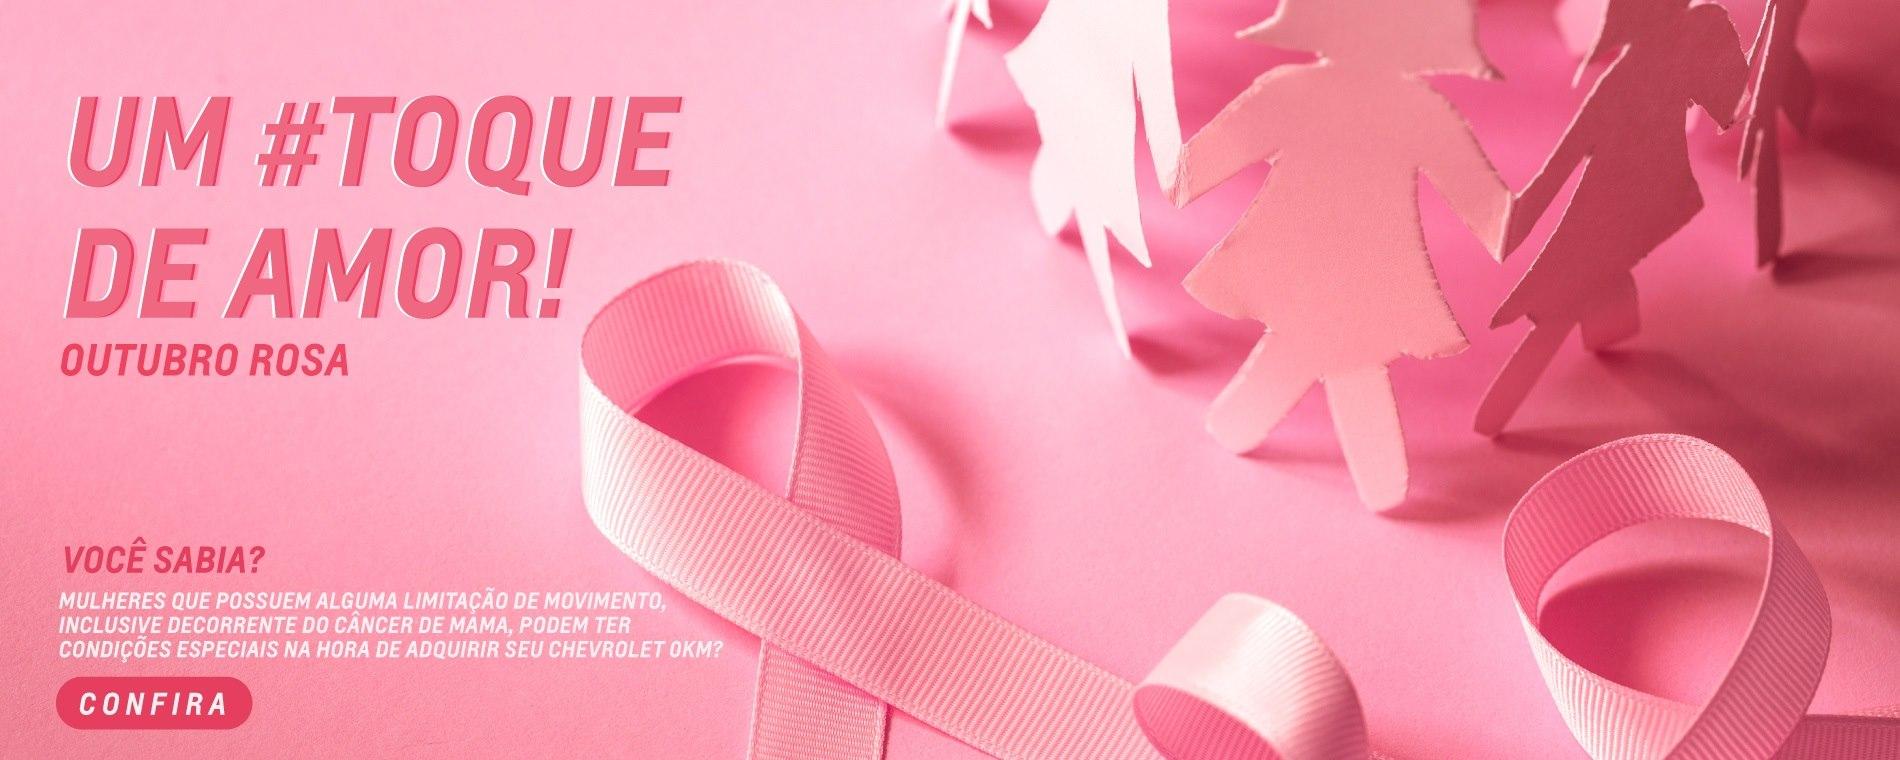 banner_site_outubro_rosa_1